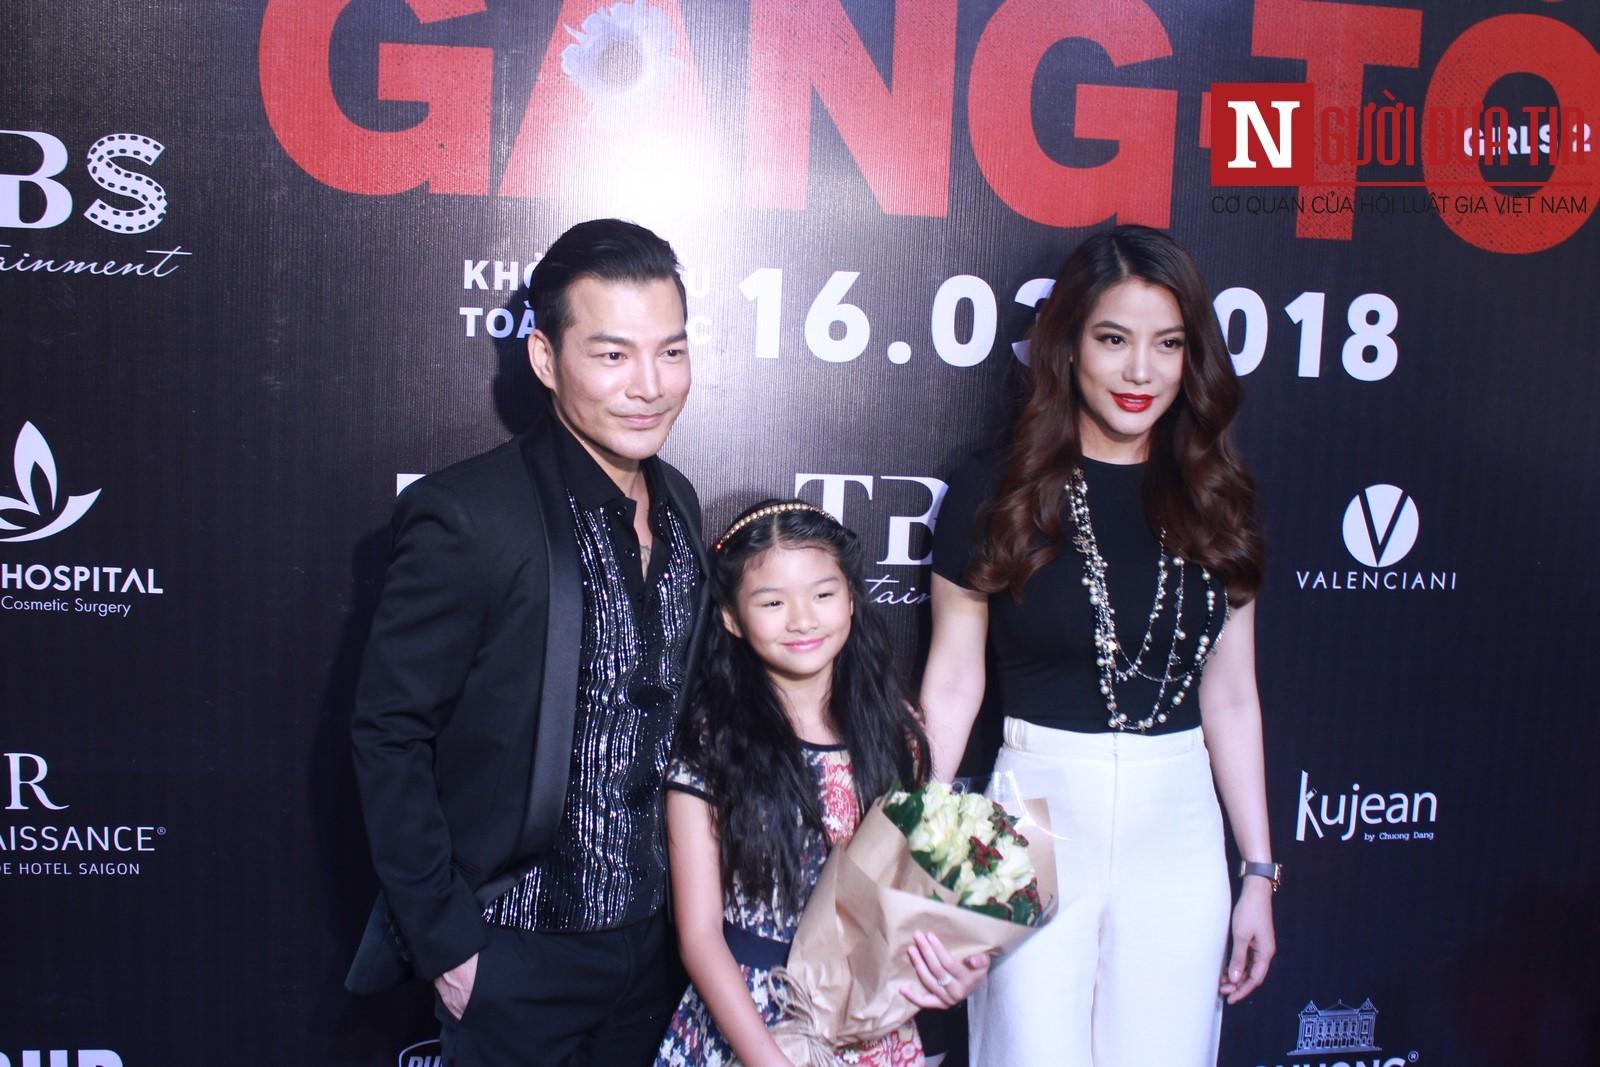 Trần Bảo Sơn hội ngộ Trương Ngọc Ánh và con gái khi ra mắt phim - Hình 1